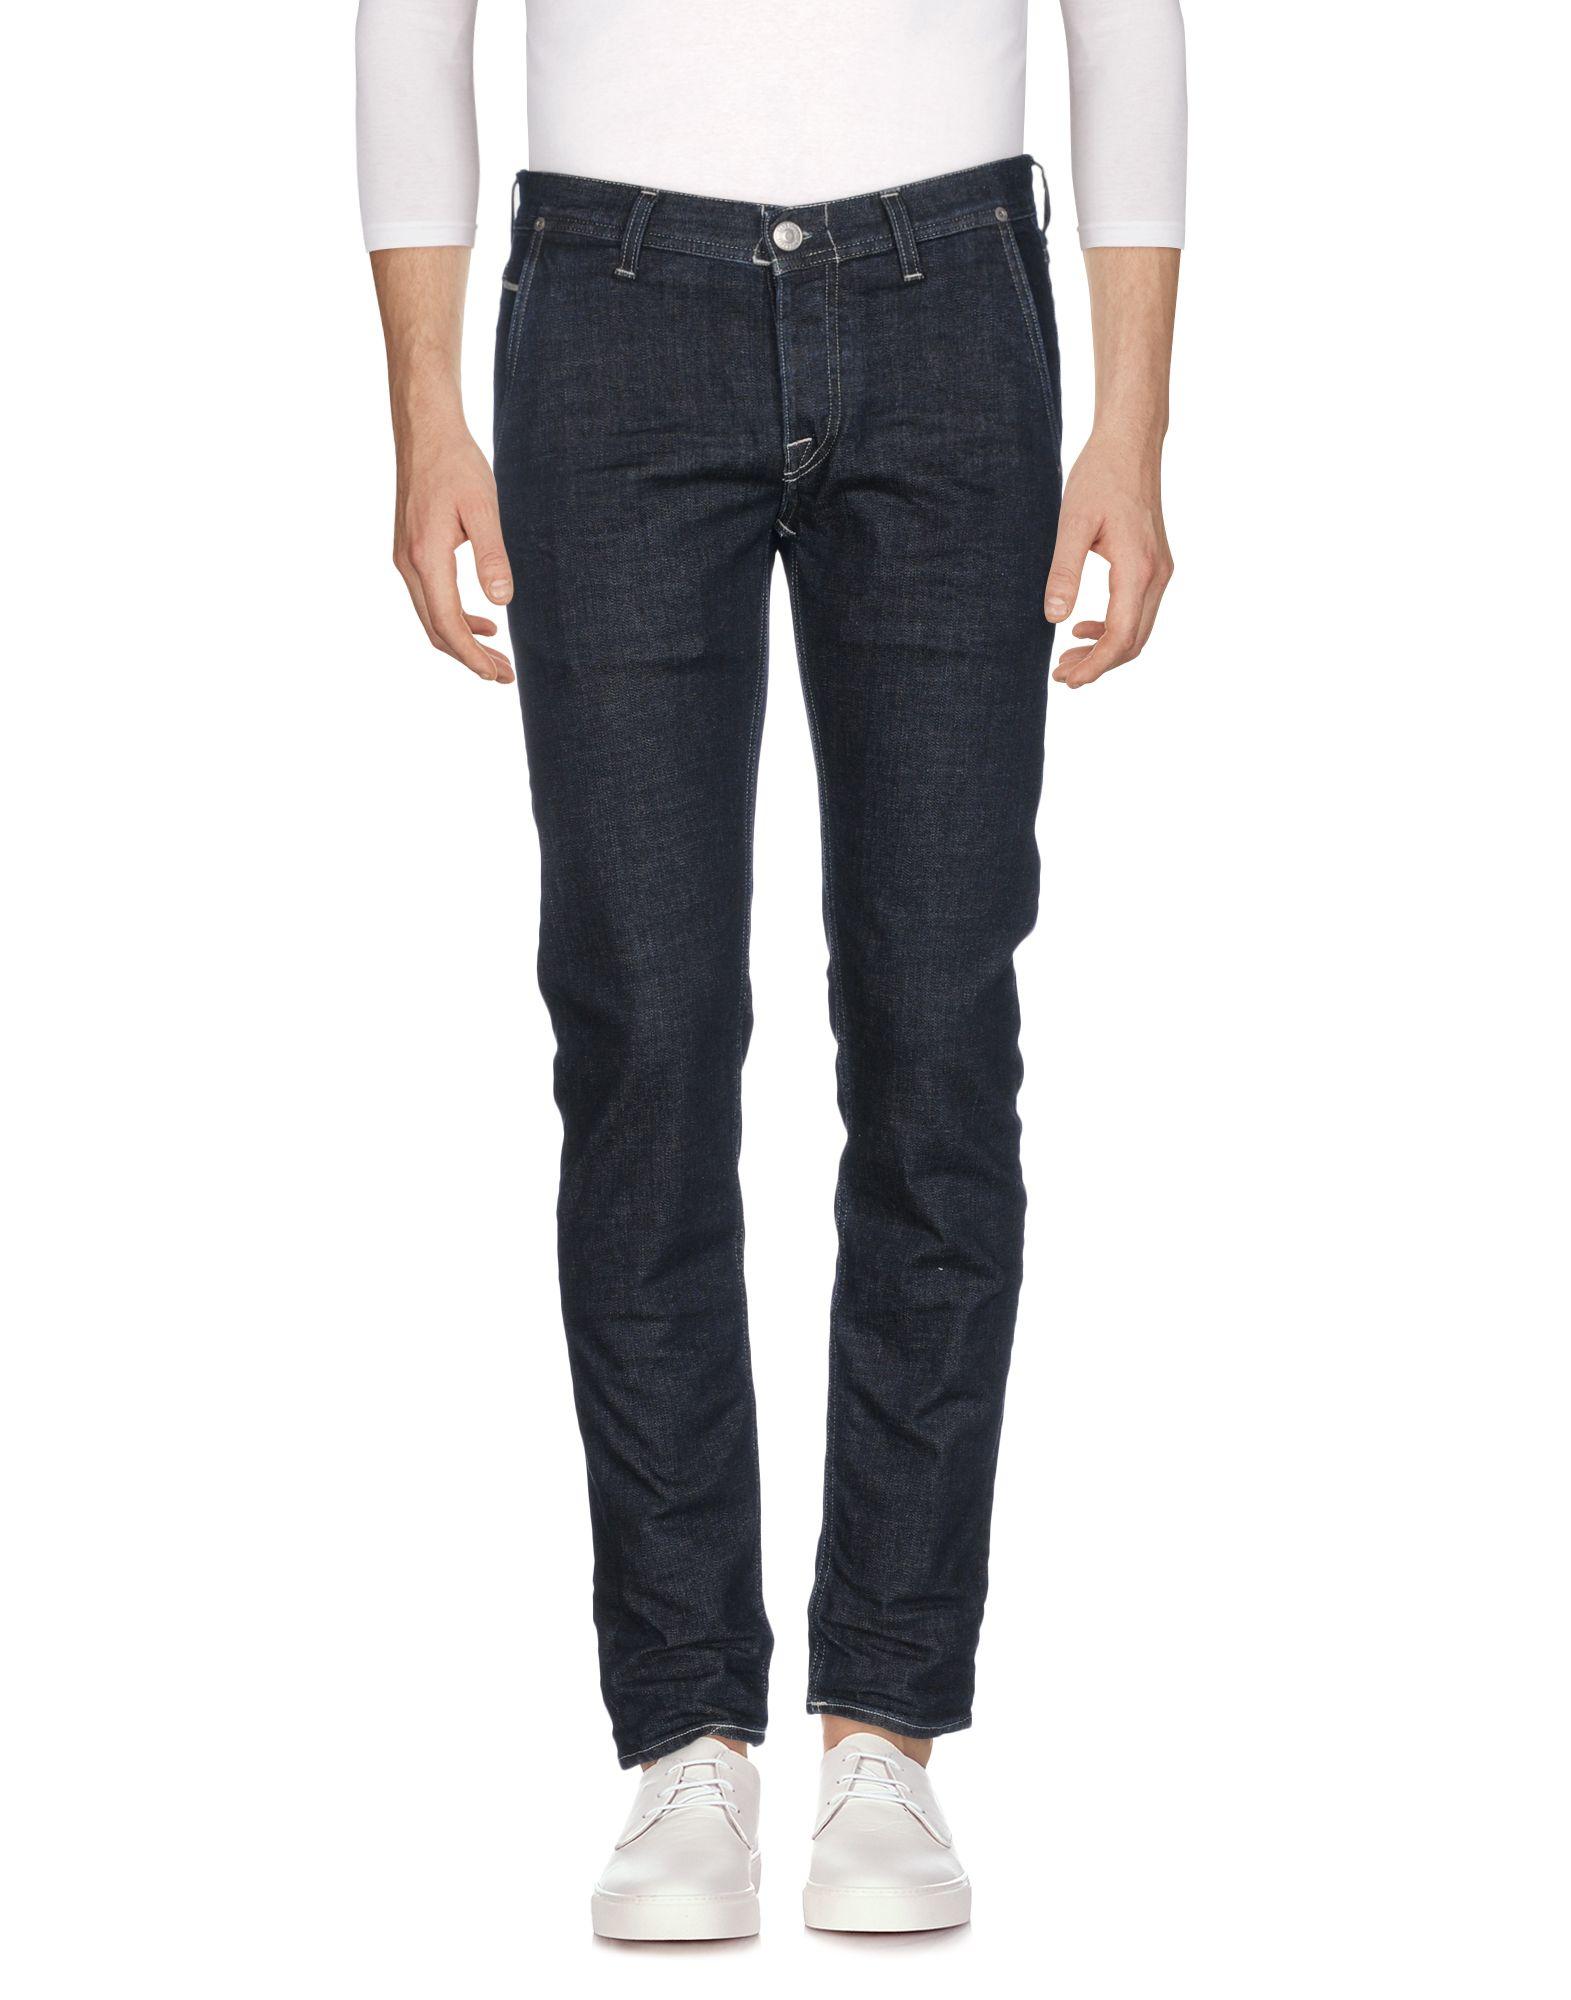 Pantaloni - Jeans Care Label Uomo - Pantaloni 42658026NF d5fa14